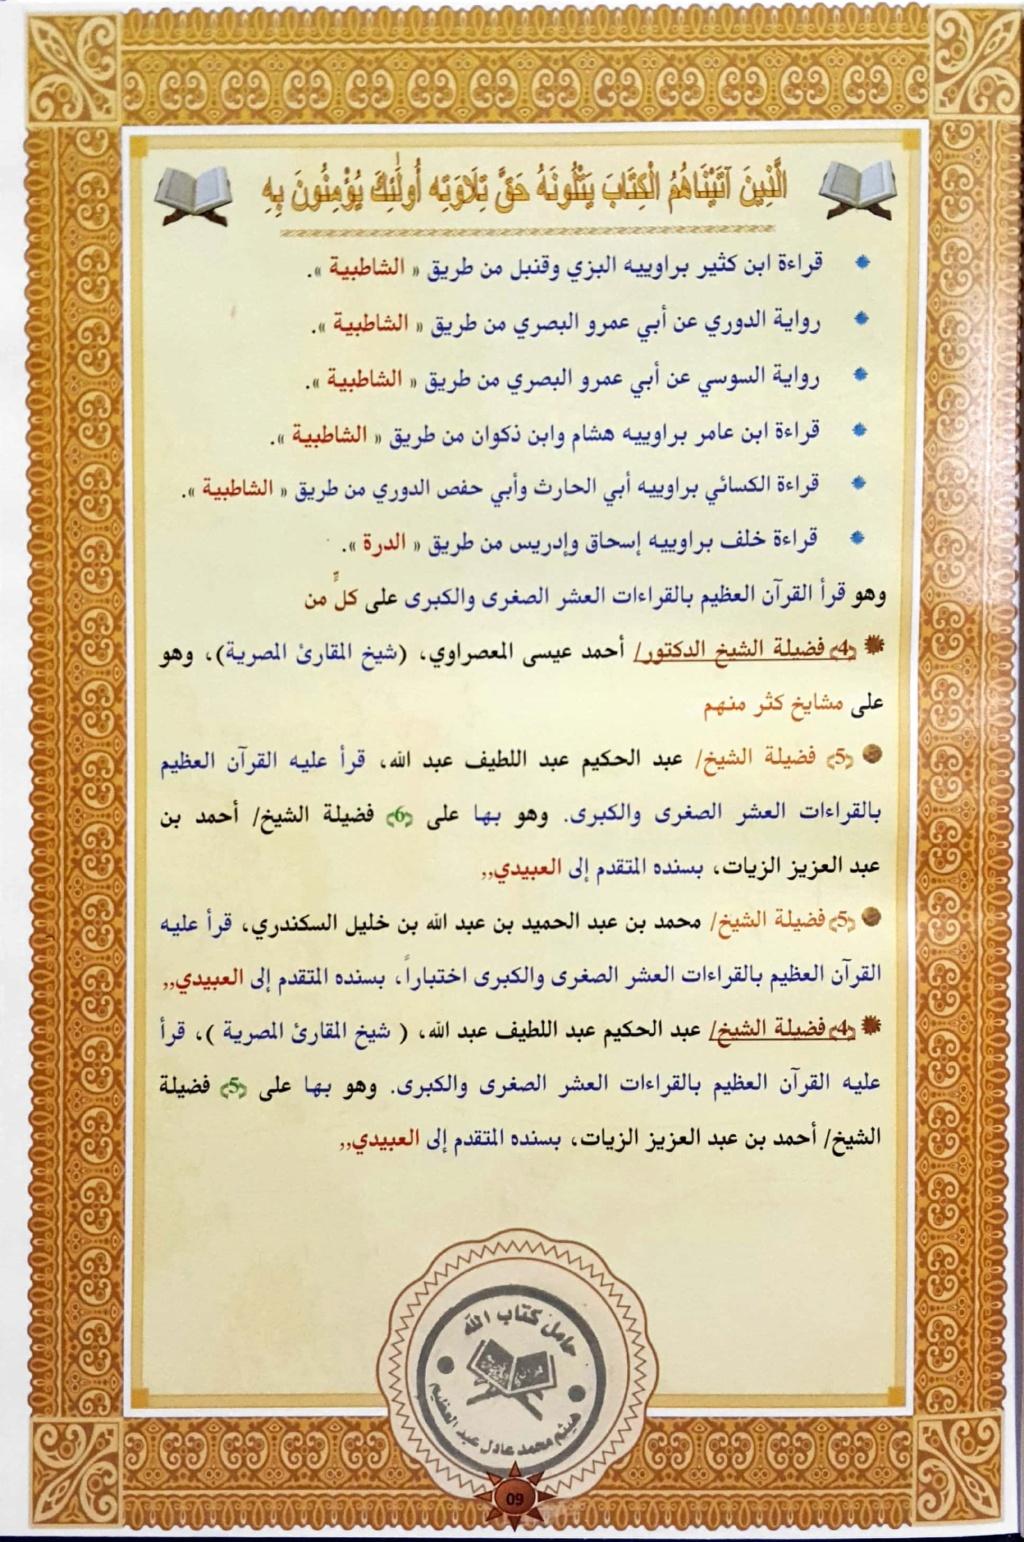 إجازة الشيخ أحمد محمد لبن بقراءة الإمام عاصم  Aeo_aa22